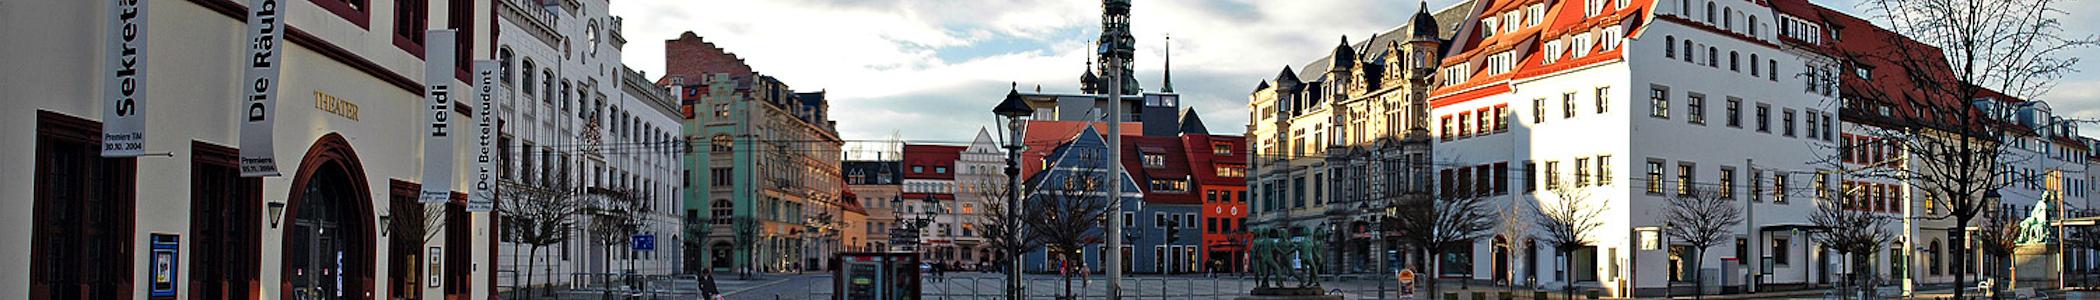 frauen zwickau dating brasilien single  Cheap Bus route Nuremberg - Zwickau from. Cheap Bus route Nuremberg - Zwickau from.